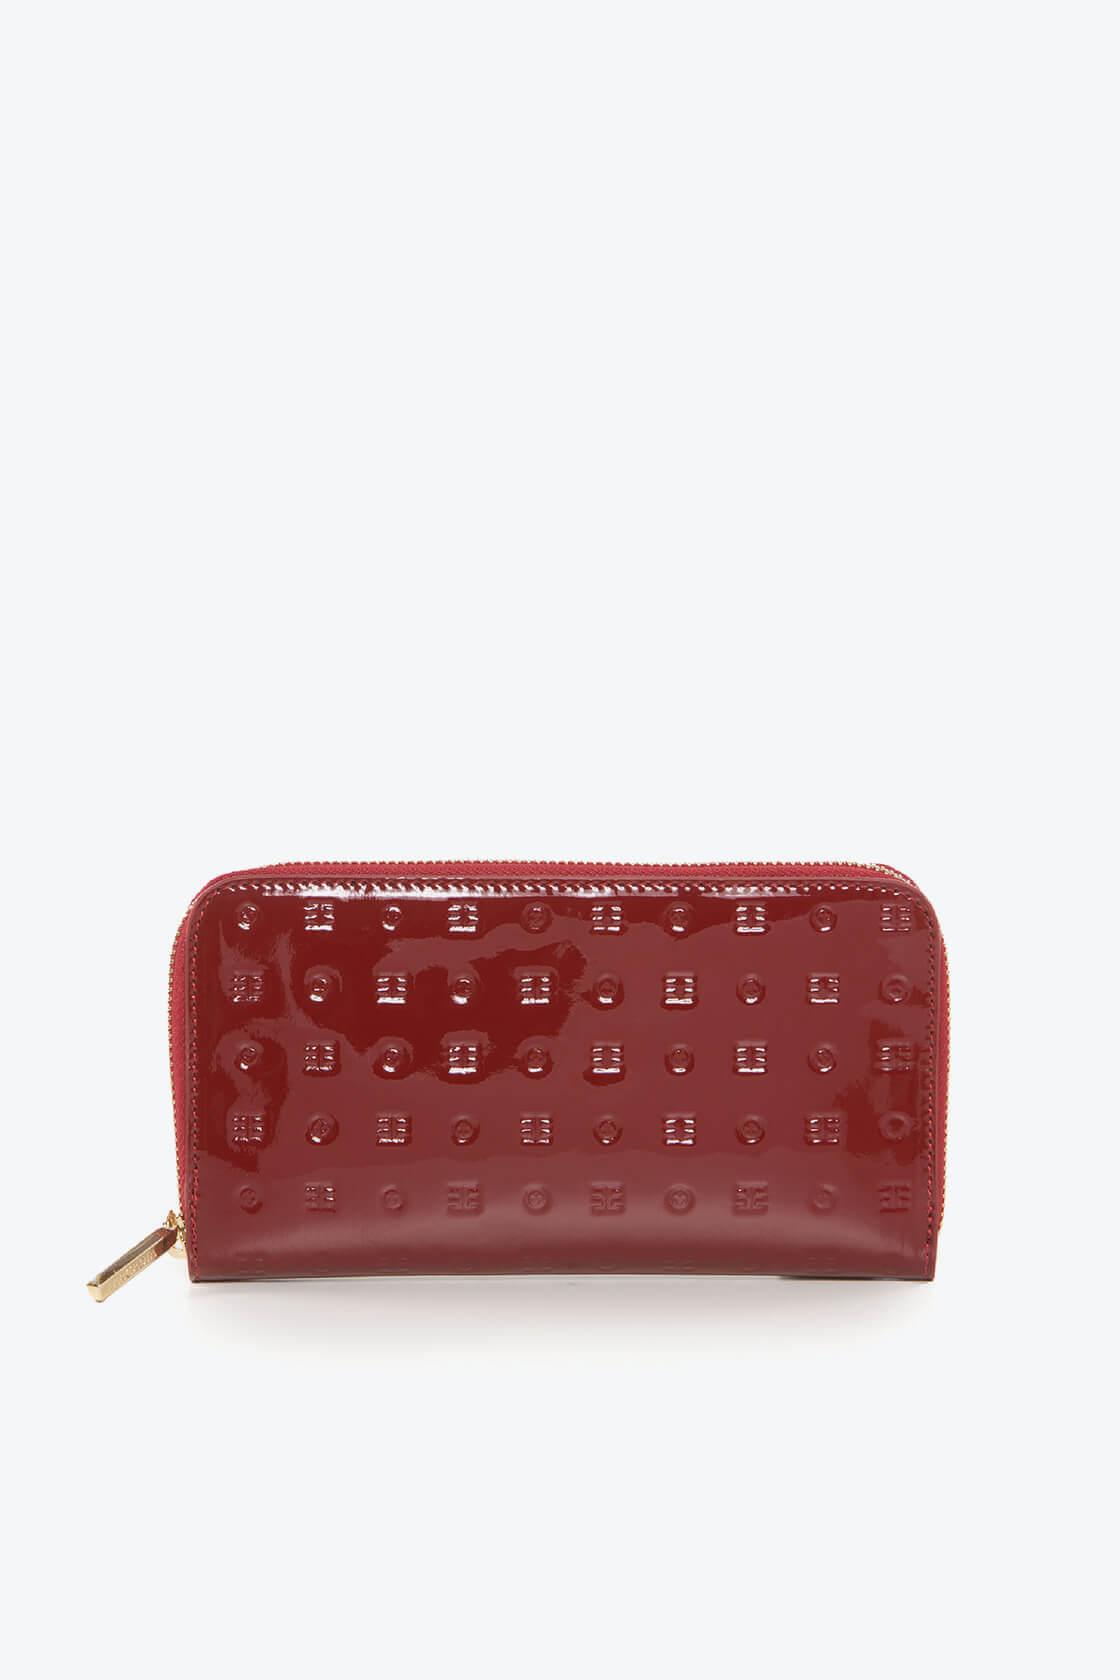 ol80000242 multi pockets wallet 1